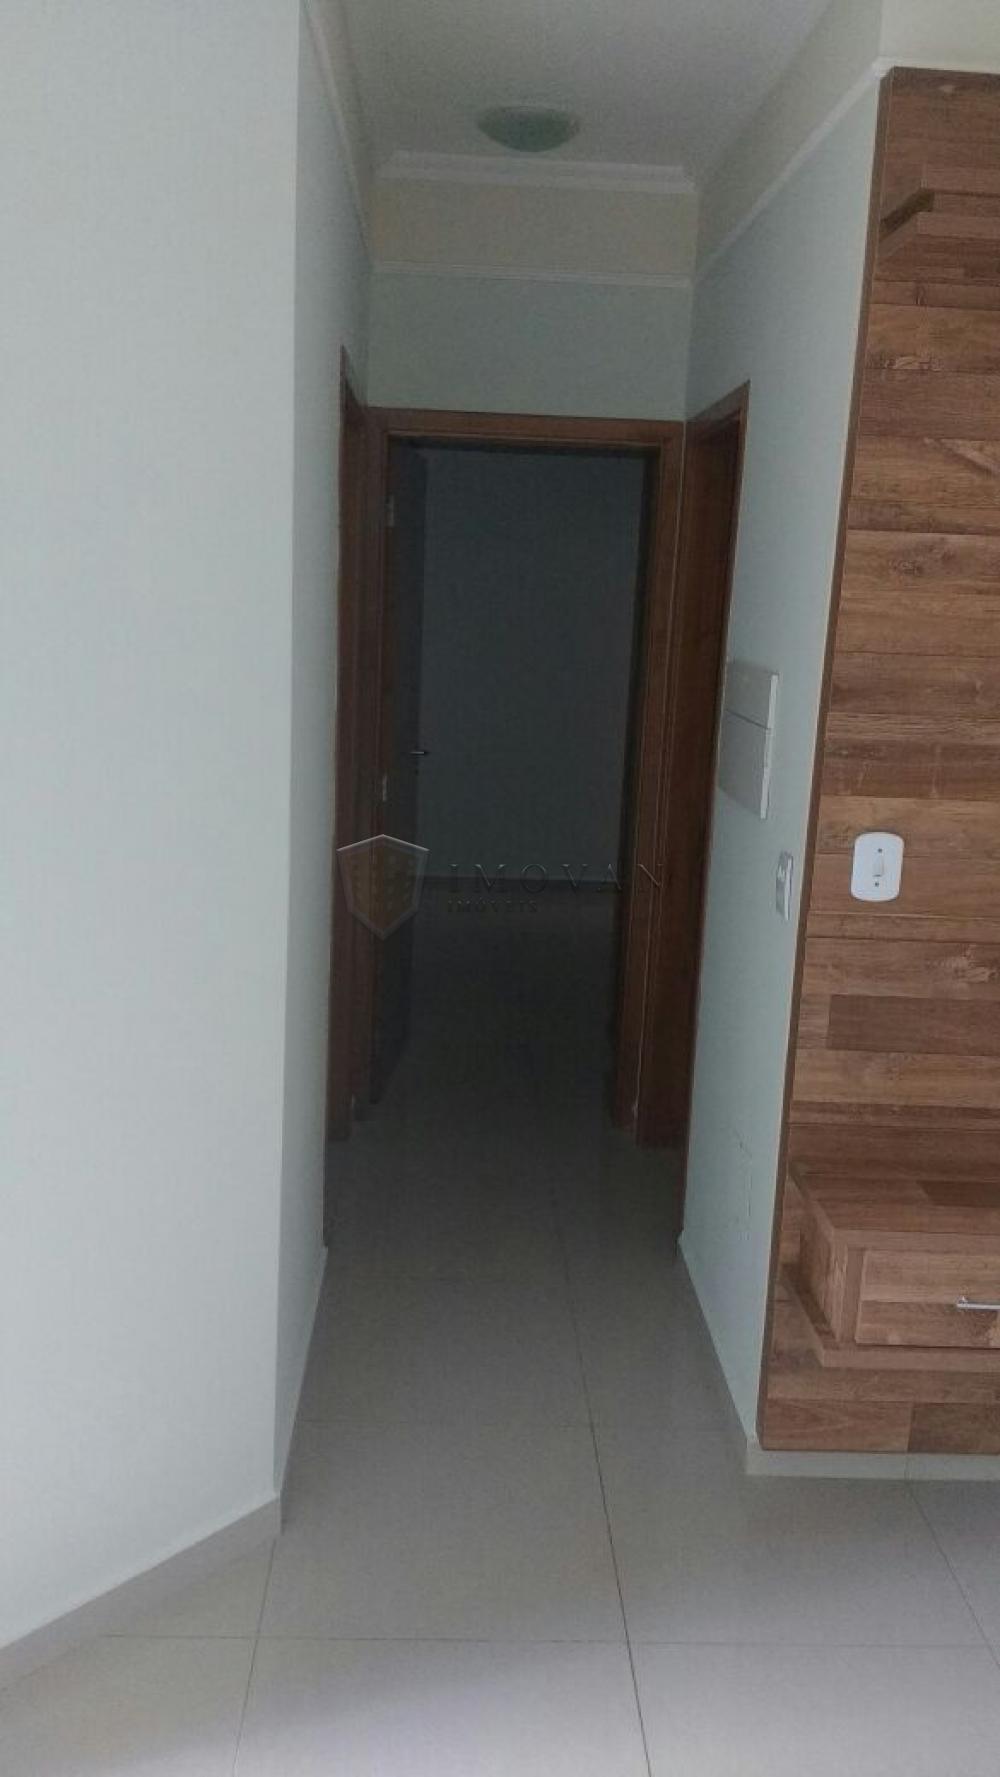 Comprar Apartamento / Padrão em Ribeirão Preto apenas R$ 365.000,00 - Foto 14